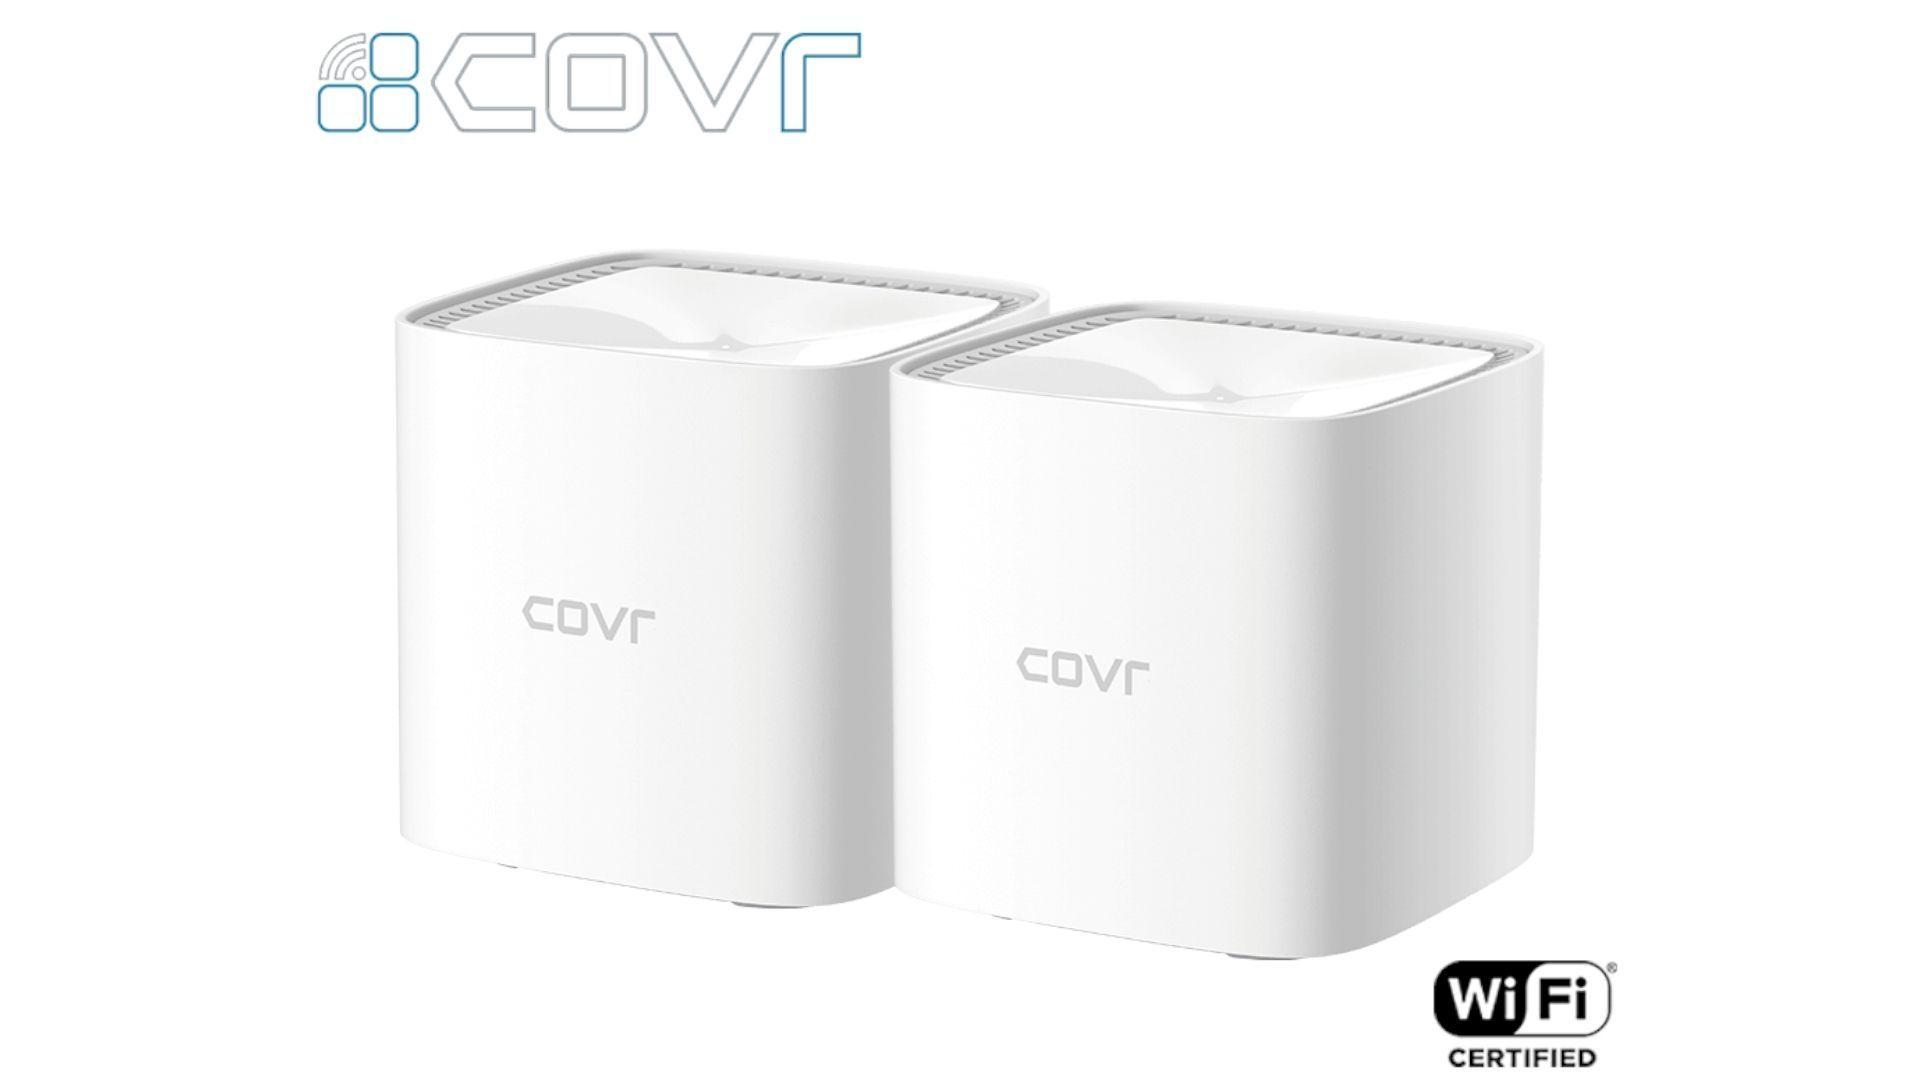 Dois modelos do roteador mesh D-Link COVR 1102 brancos em fundo branco